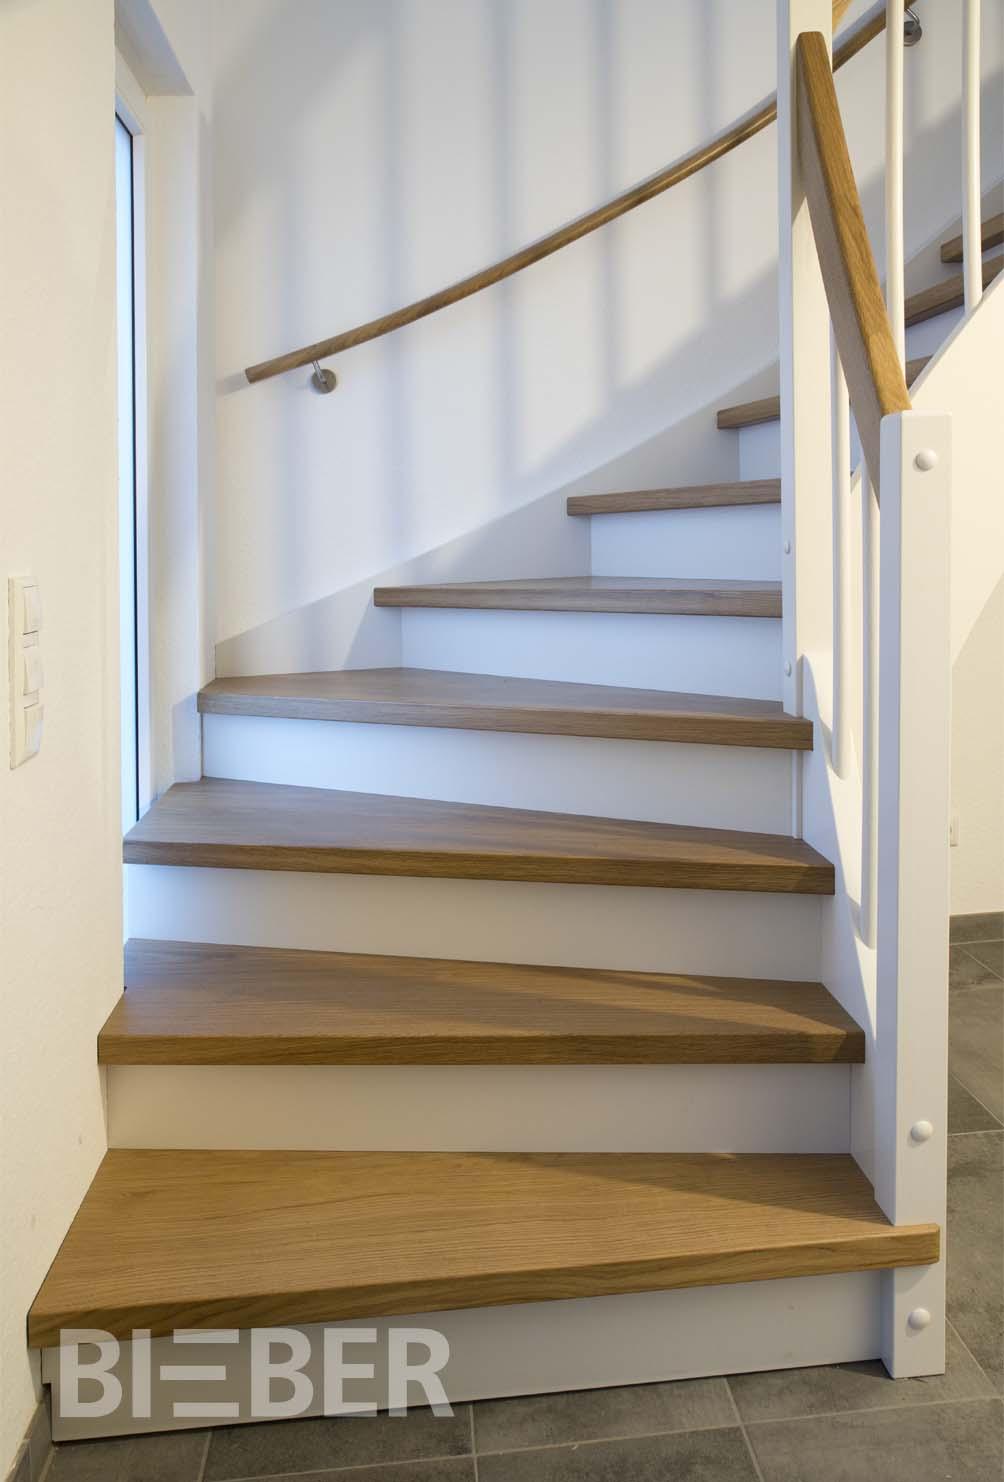 Treppe viertelgewendelt, Eiche geölt, mit weißen Wangen und Setzstufen